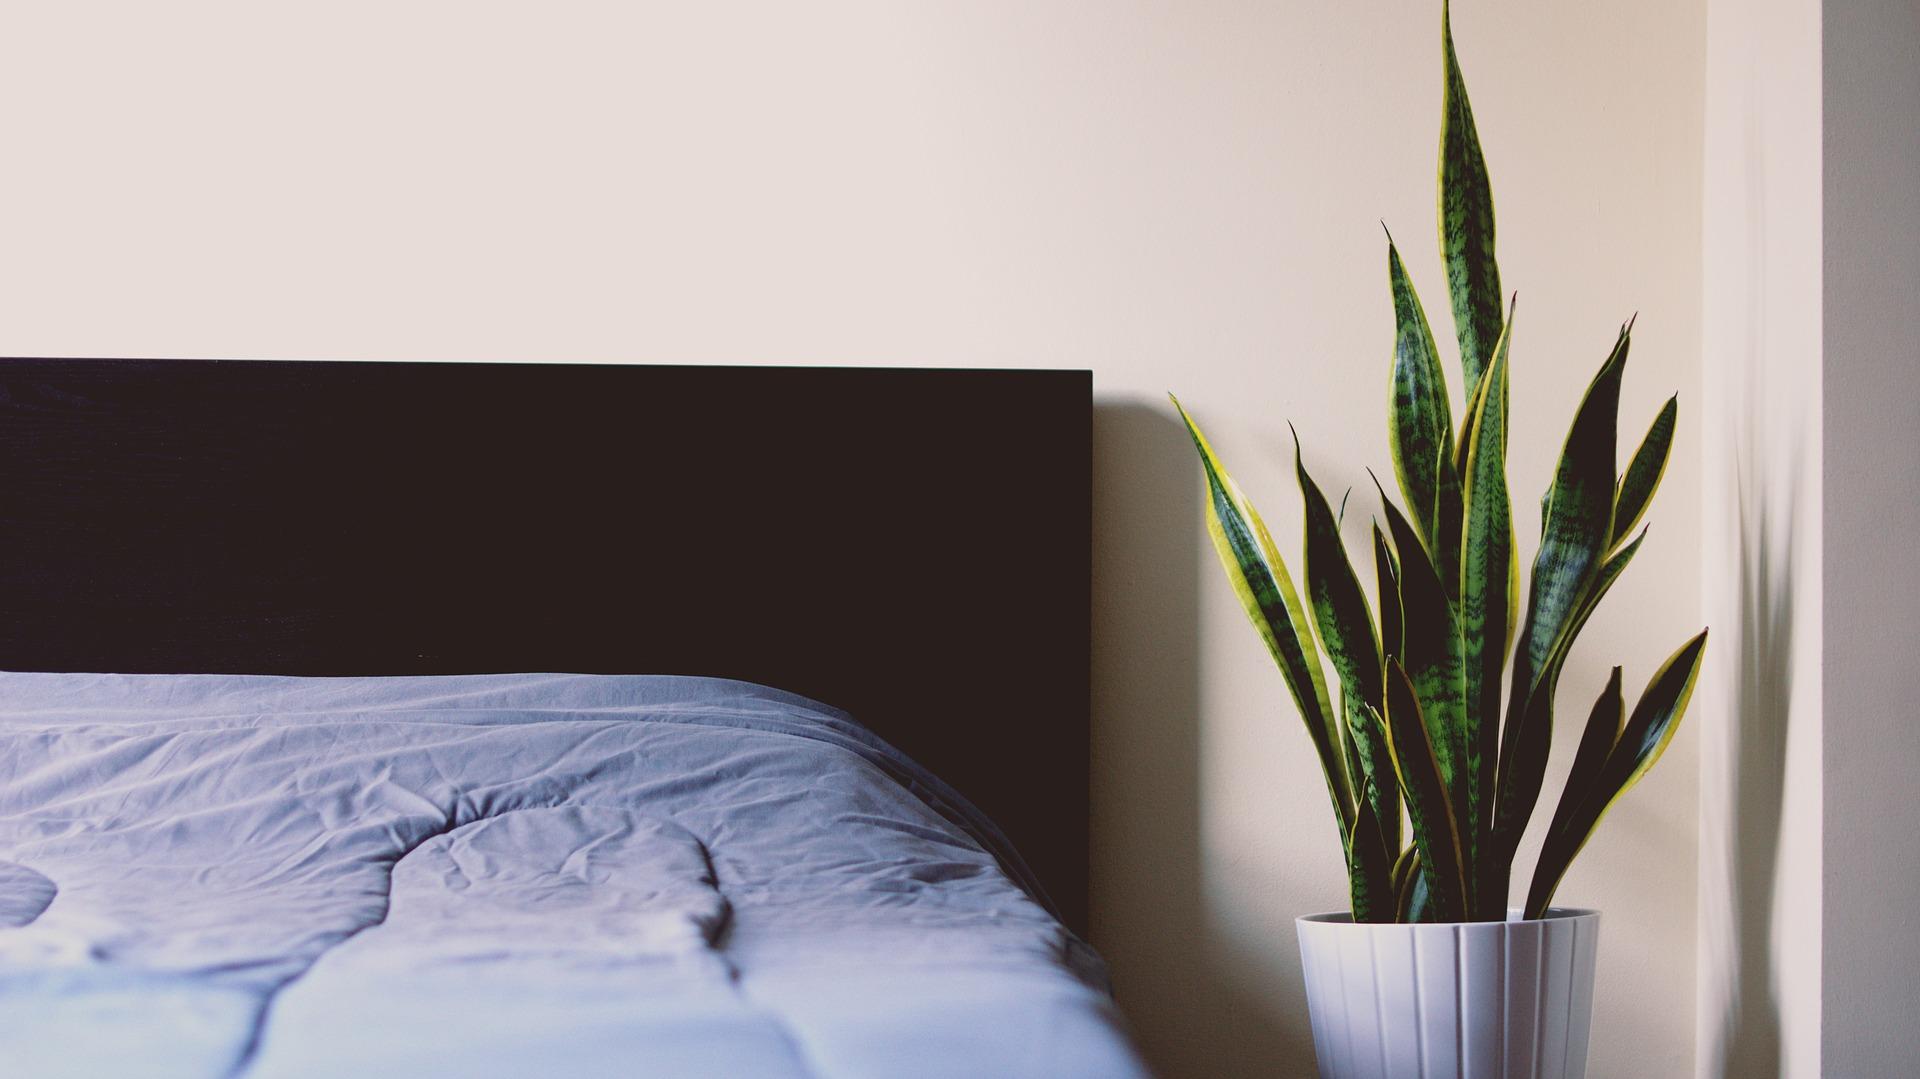 Mooie bedden » Diverse stijlen en soorten » Woning & Slaapkamer meubels